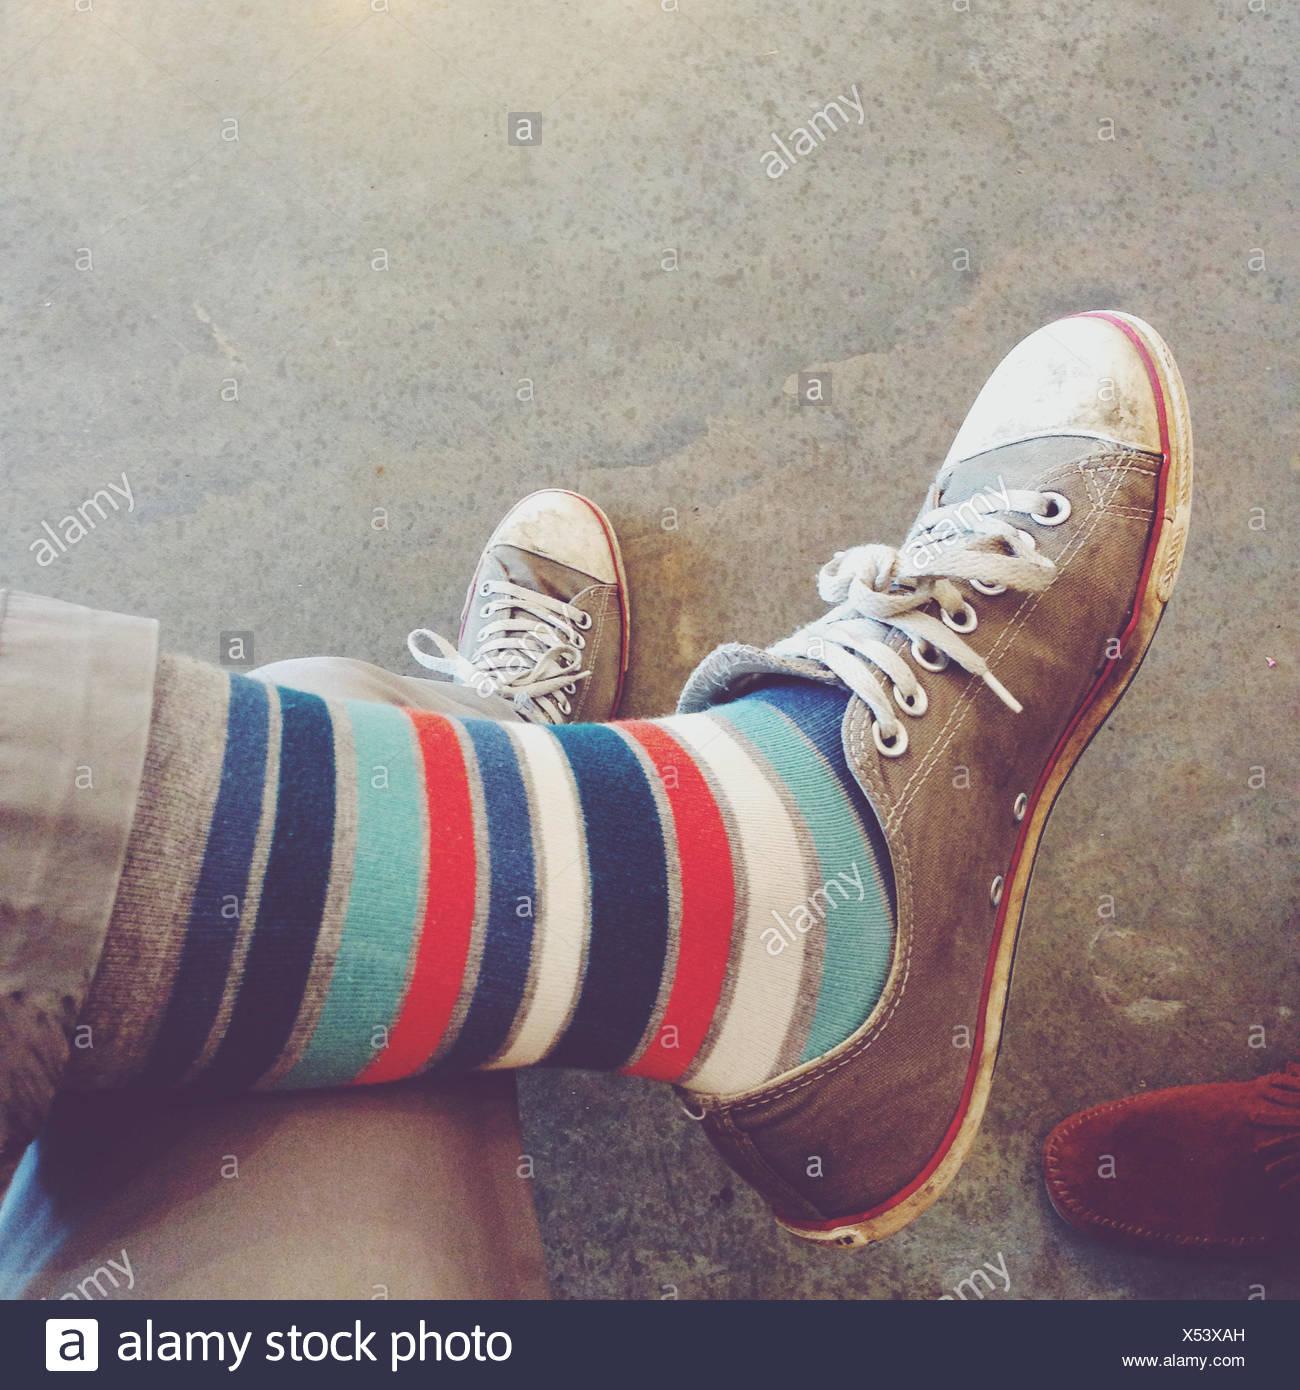 Nahaufnahme einer Person, die gestreifte Socken und Sportschuhe trägt Stockfoto